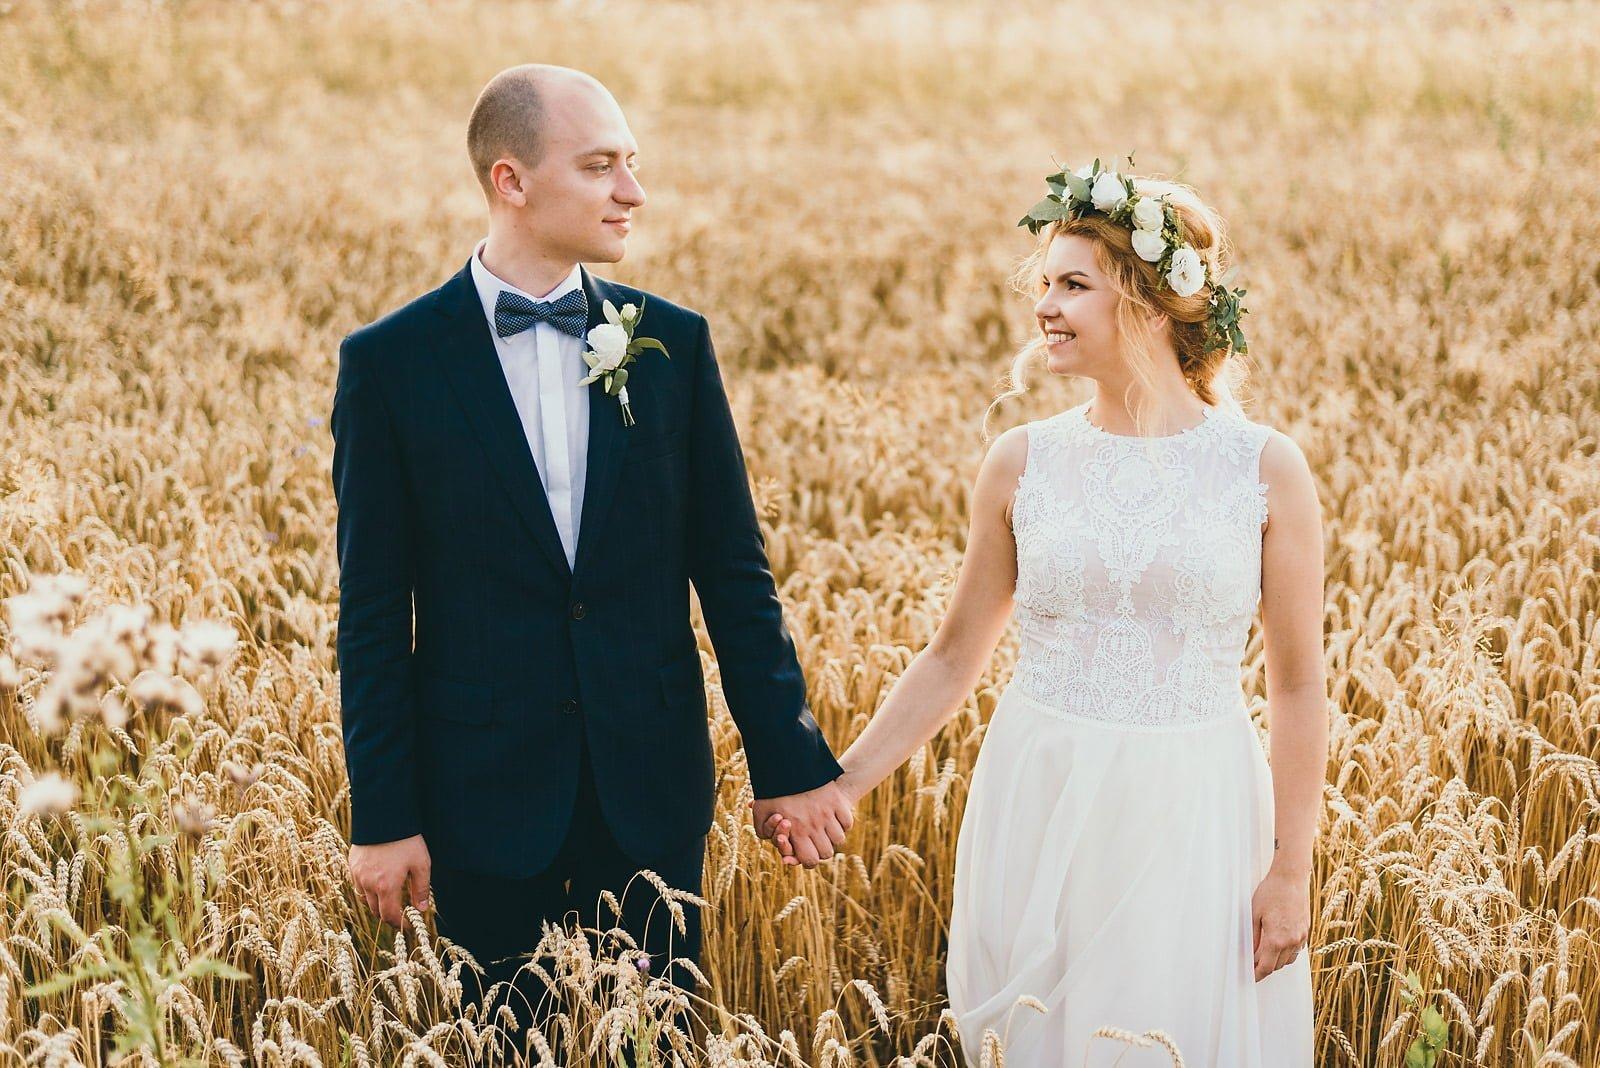 Justyna i Szymon - plenerowy ślub w stylu boho 88